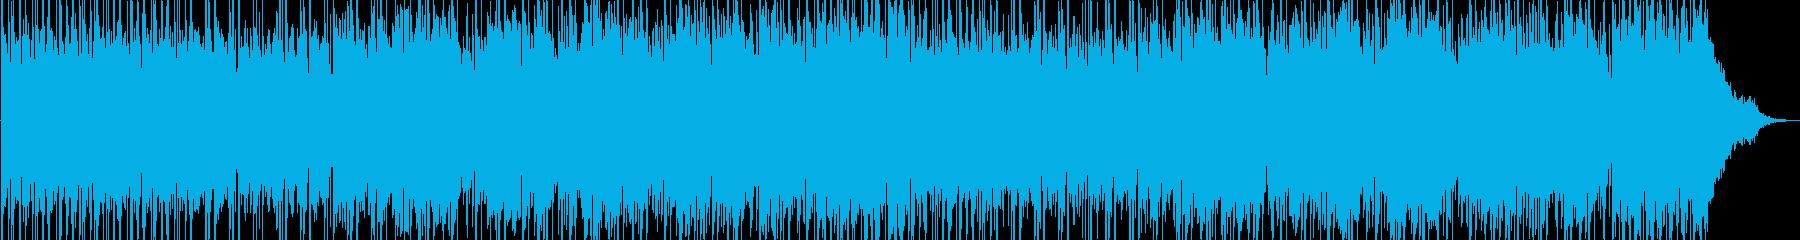 宇多田ヒカル風都会的なポップスオリジナルの再生済みの波形